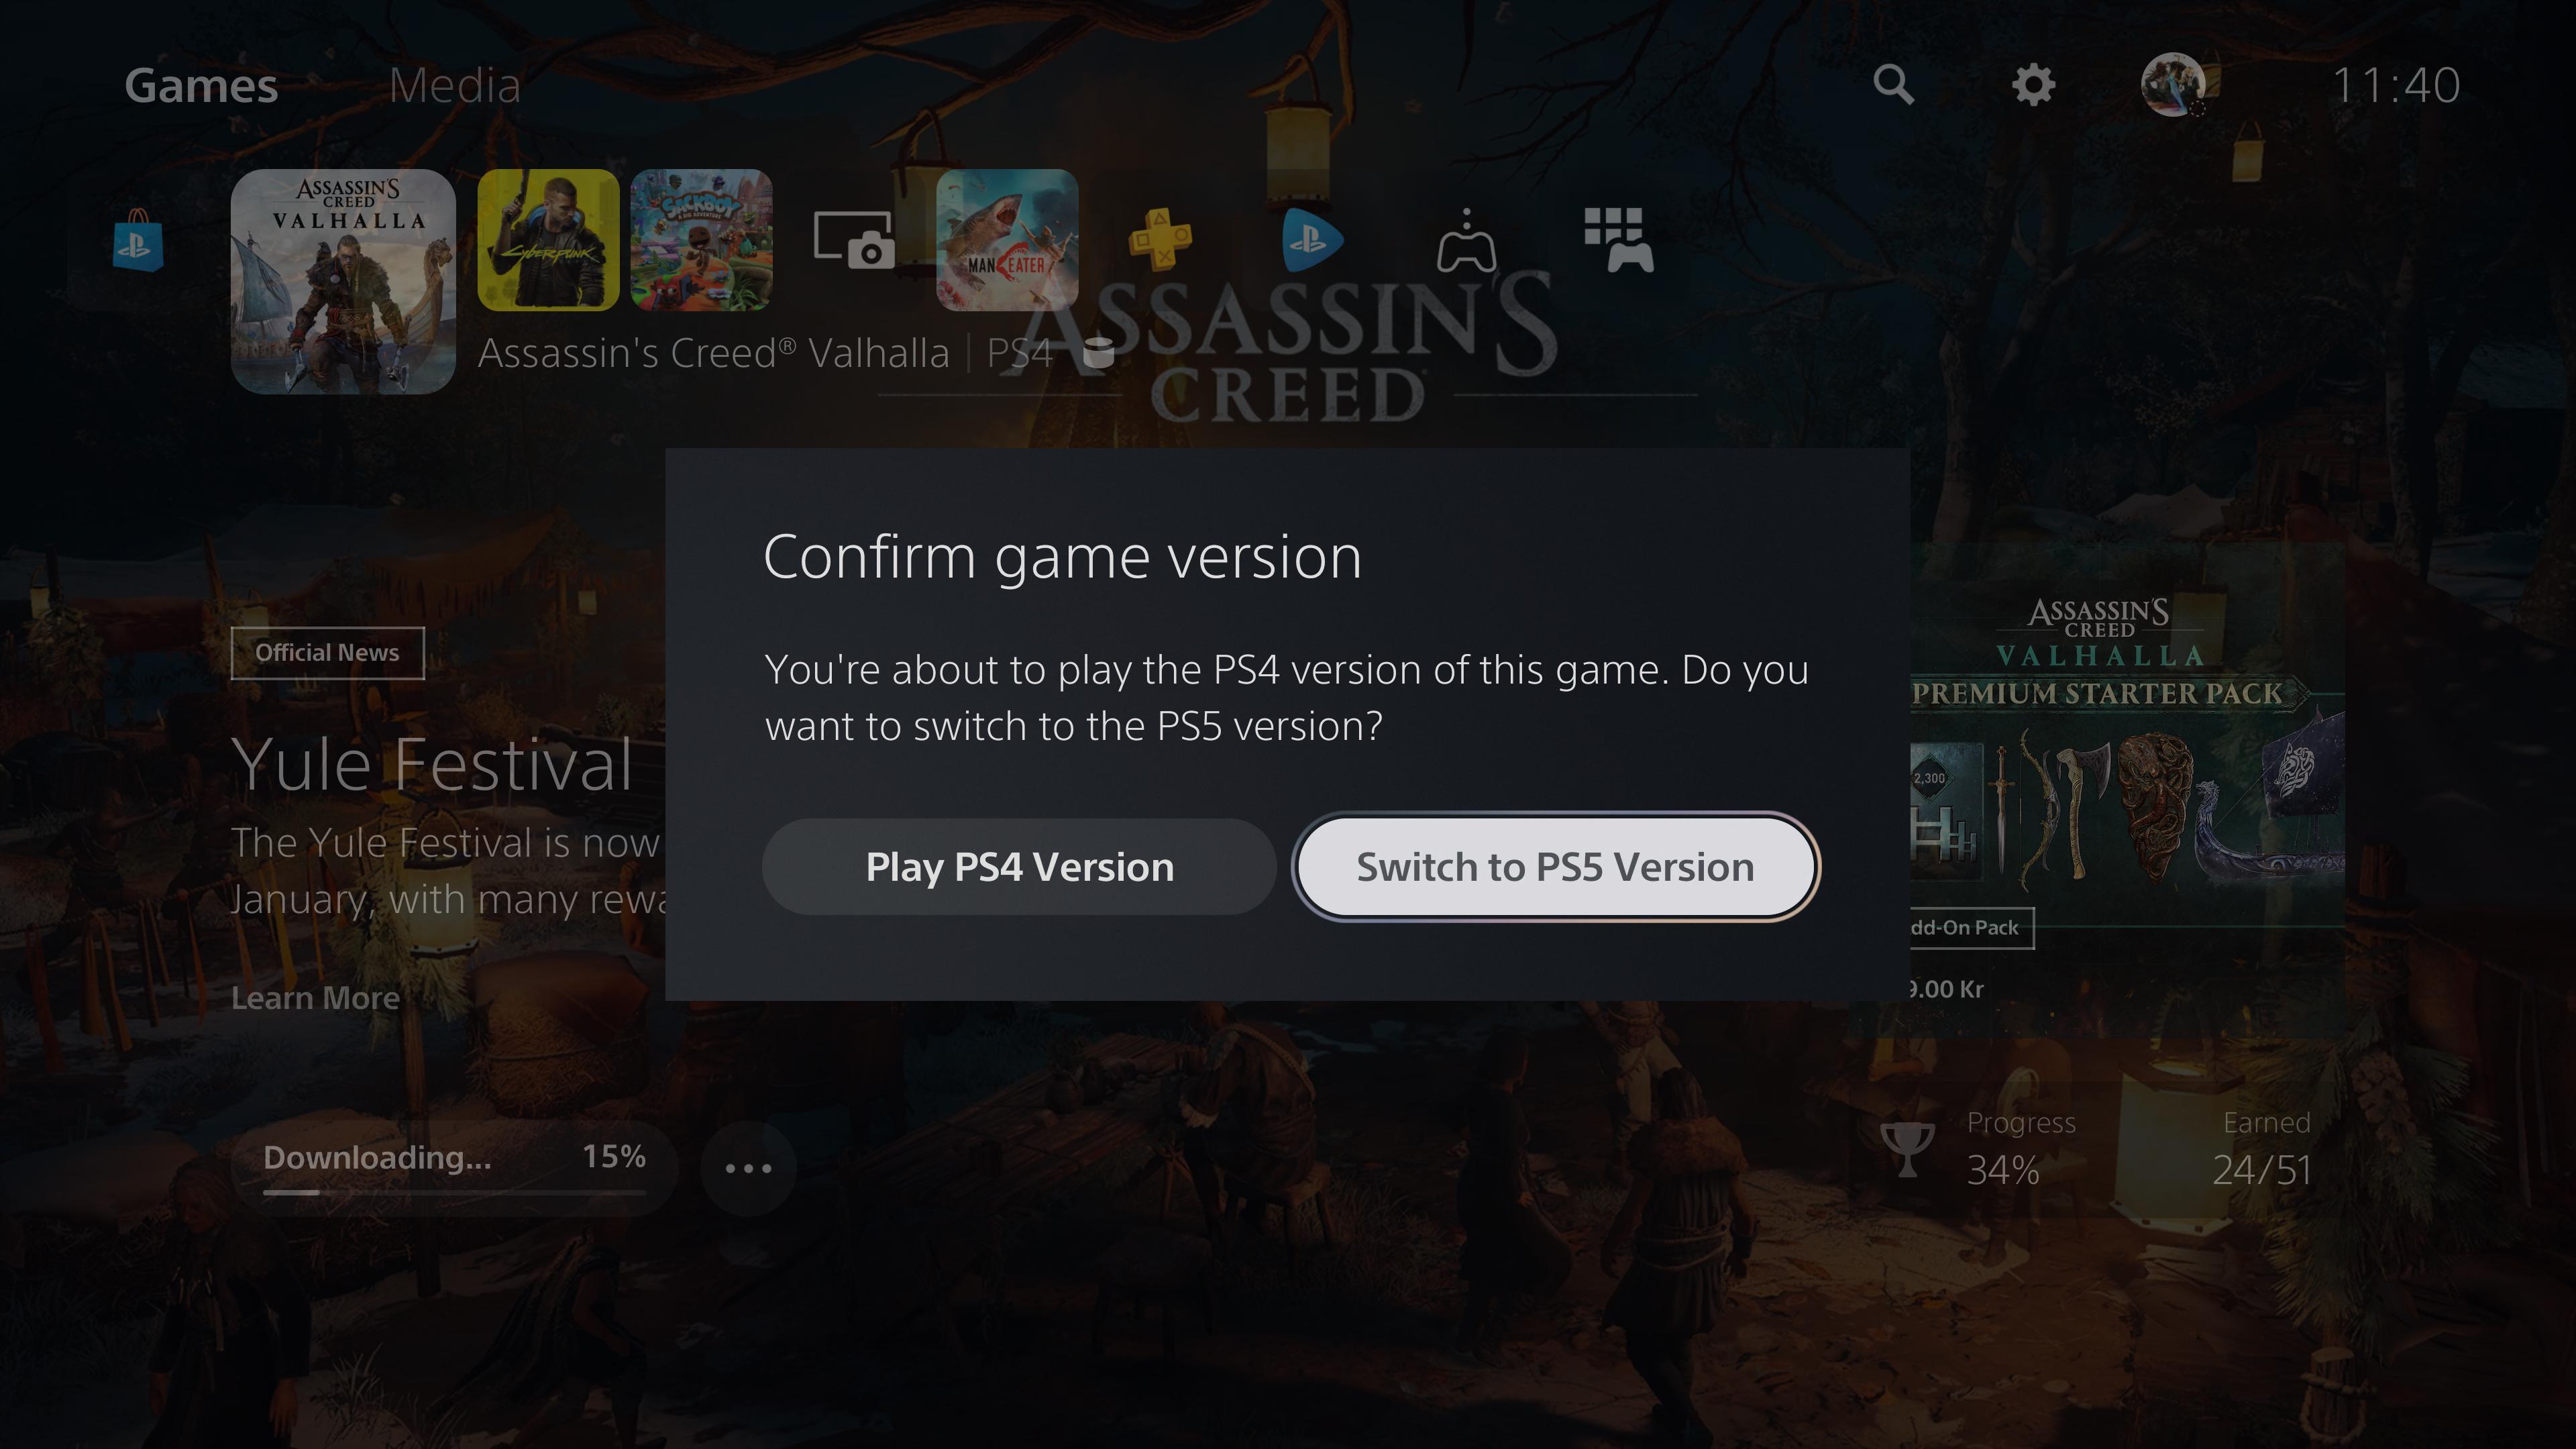 PS5推出更新:提醒玩家PS4/PS5游戏版本选择